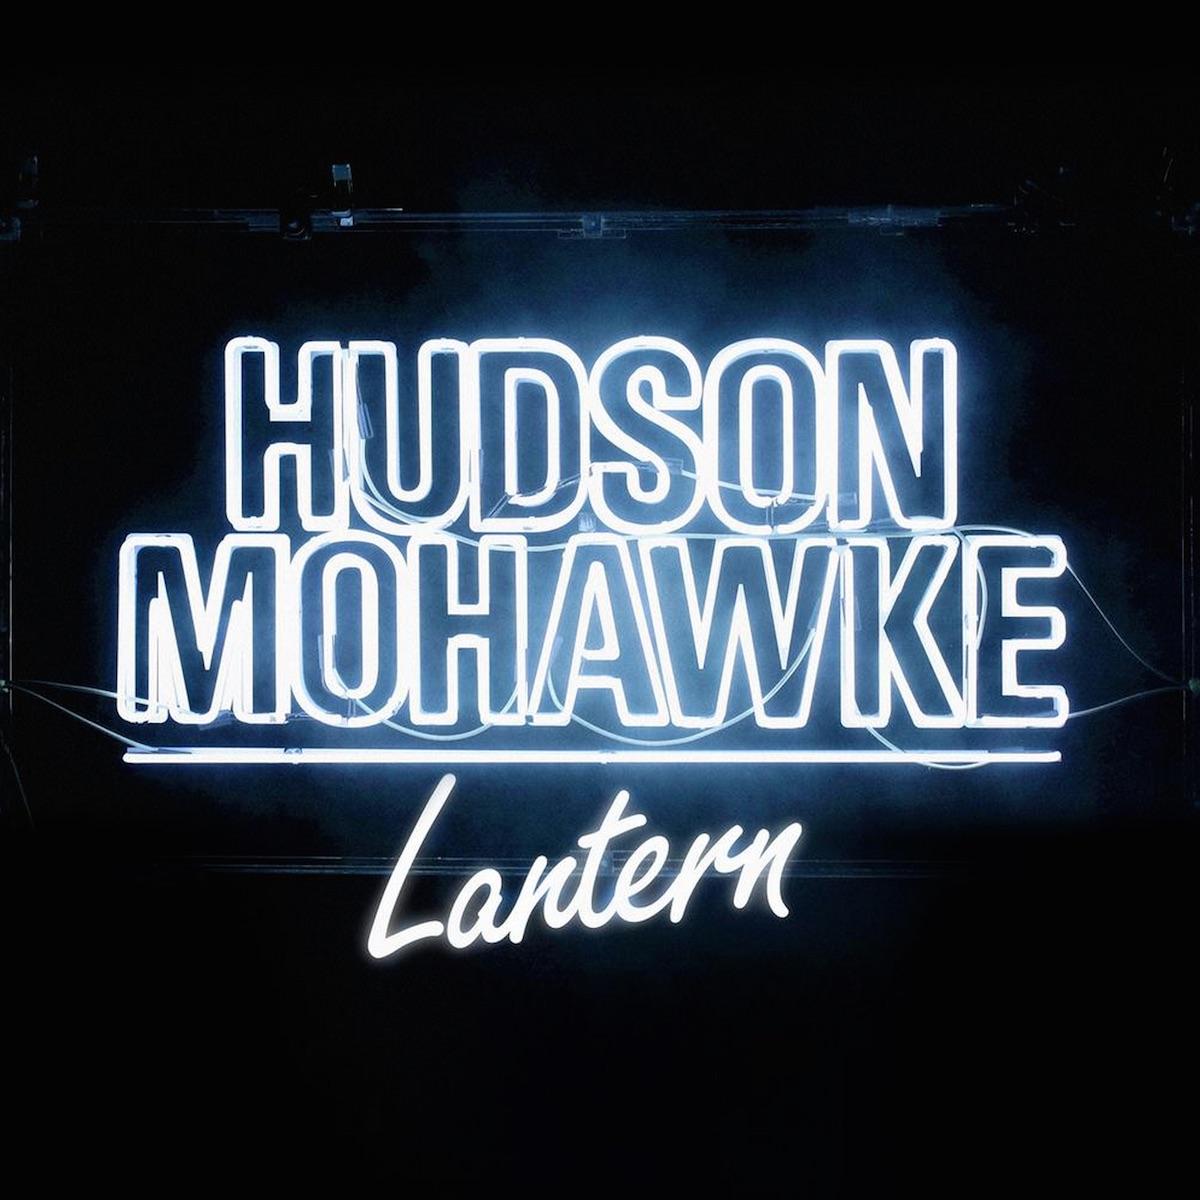 hudson-mohawke-lantern-album-stream-listen.jpg